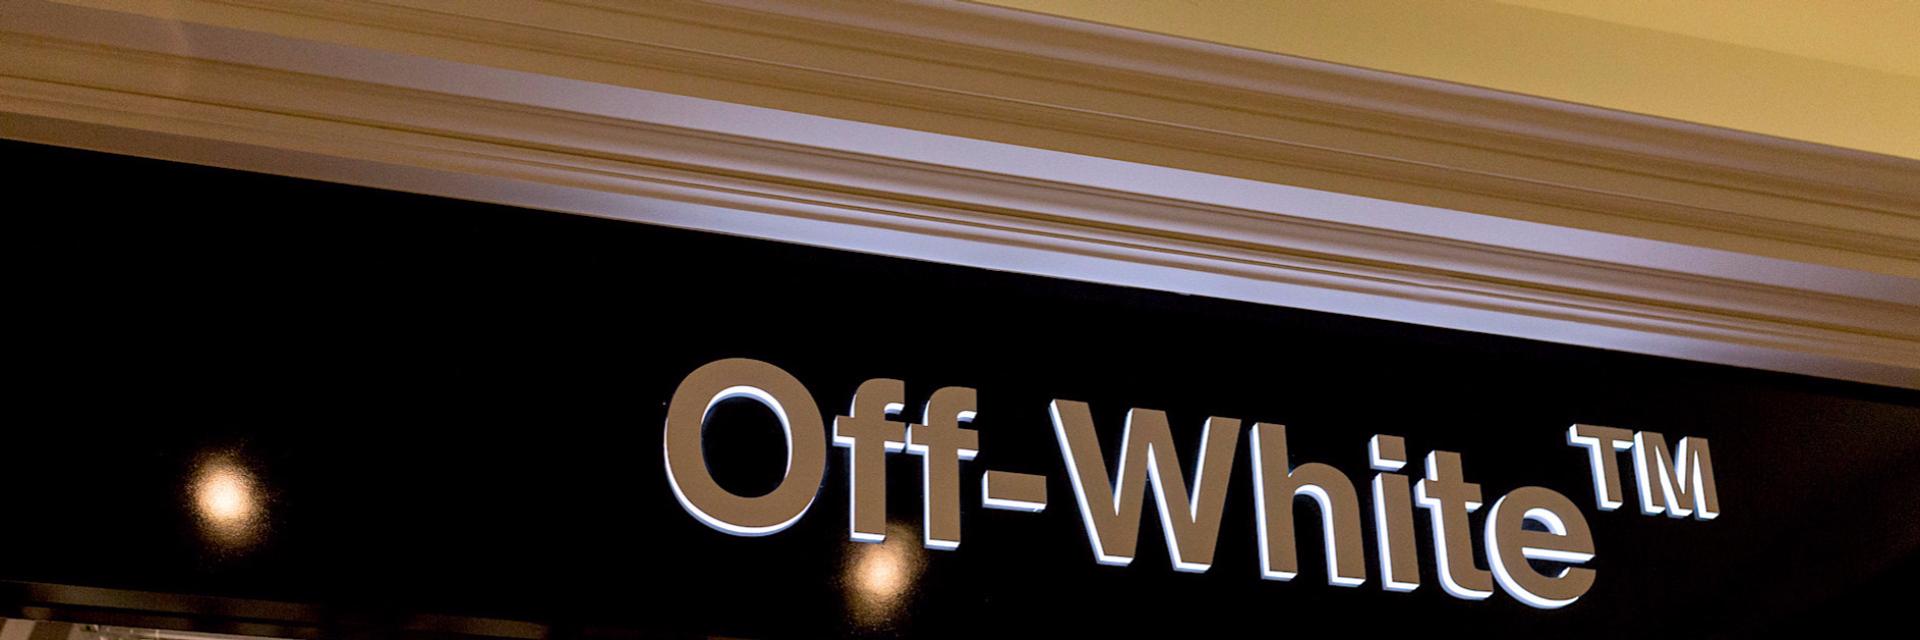 本週大事!OFF-WHITE 台北旗艦店進駐東方文華!The Ten 系列預熱開賣